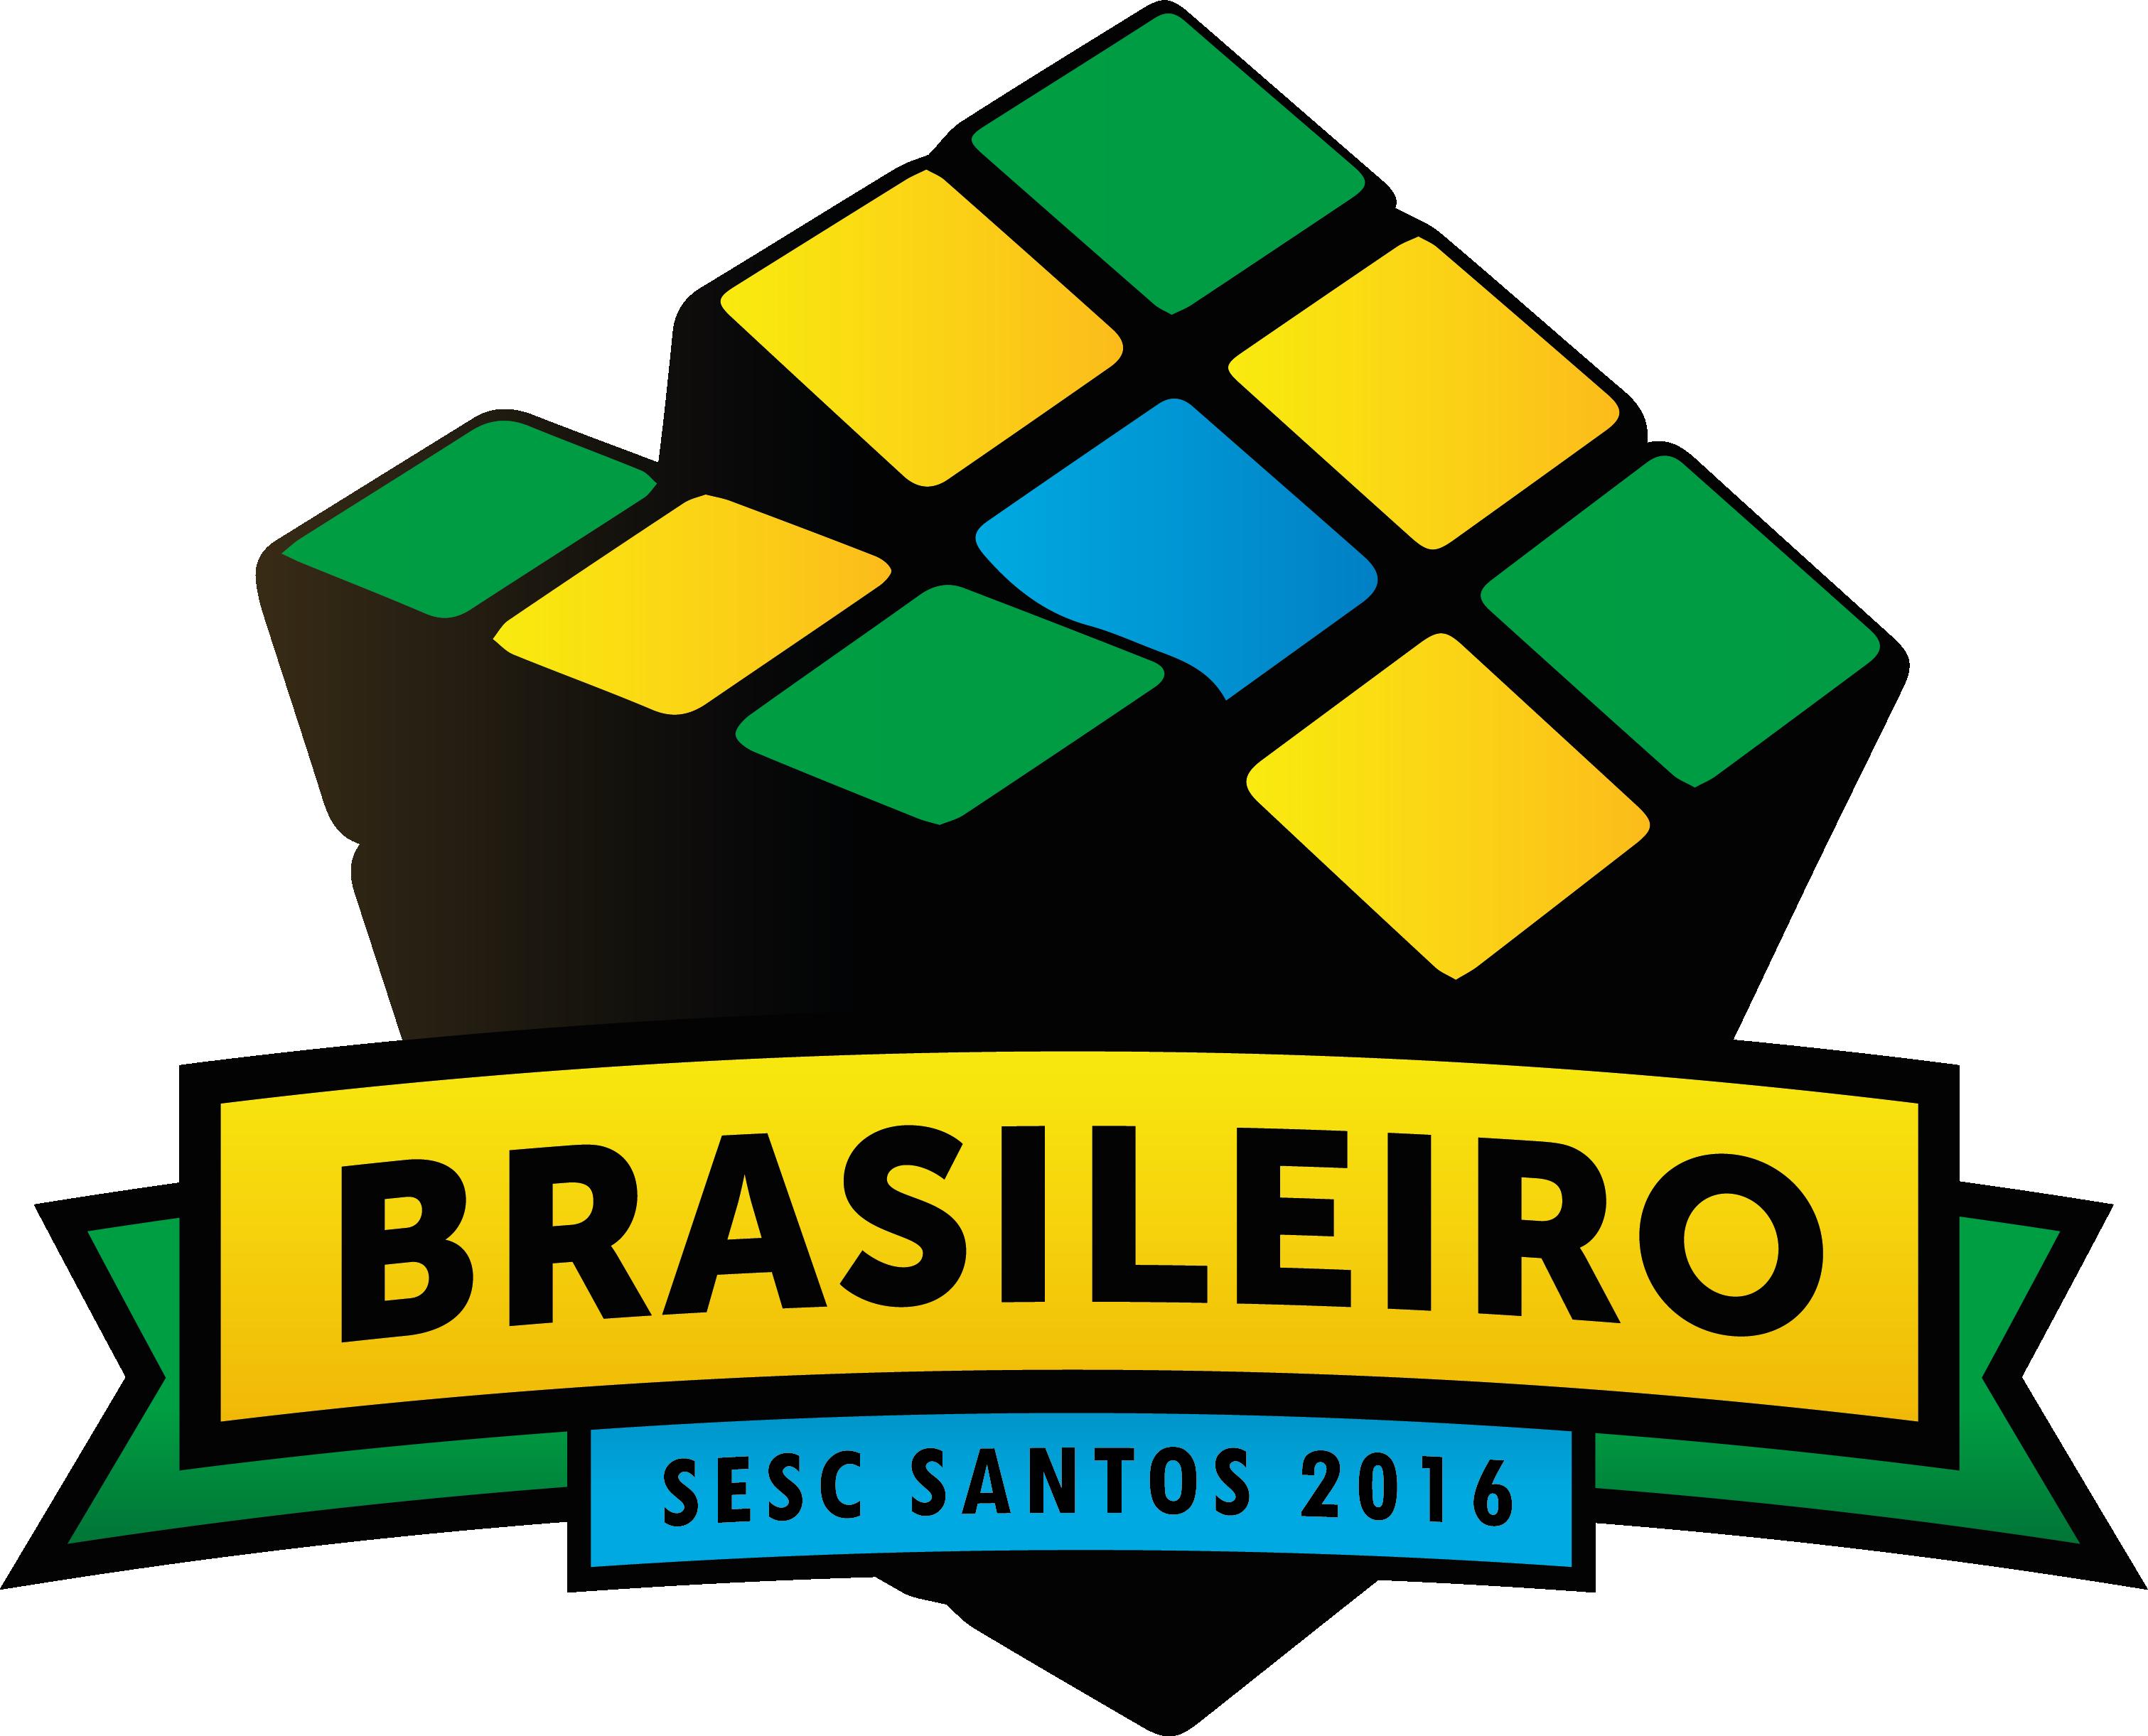 Brasileiro 2016 (Fotos: Hobbz)